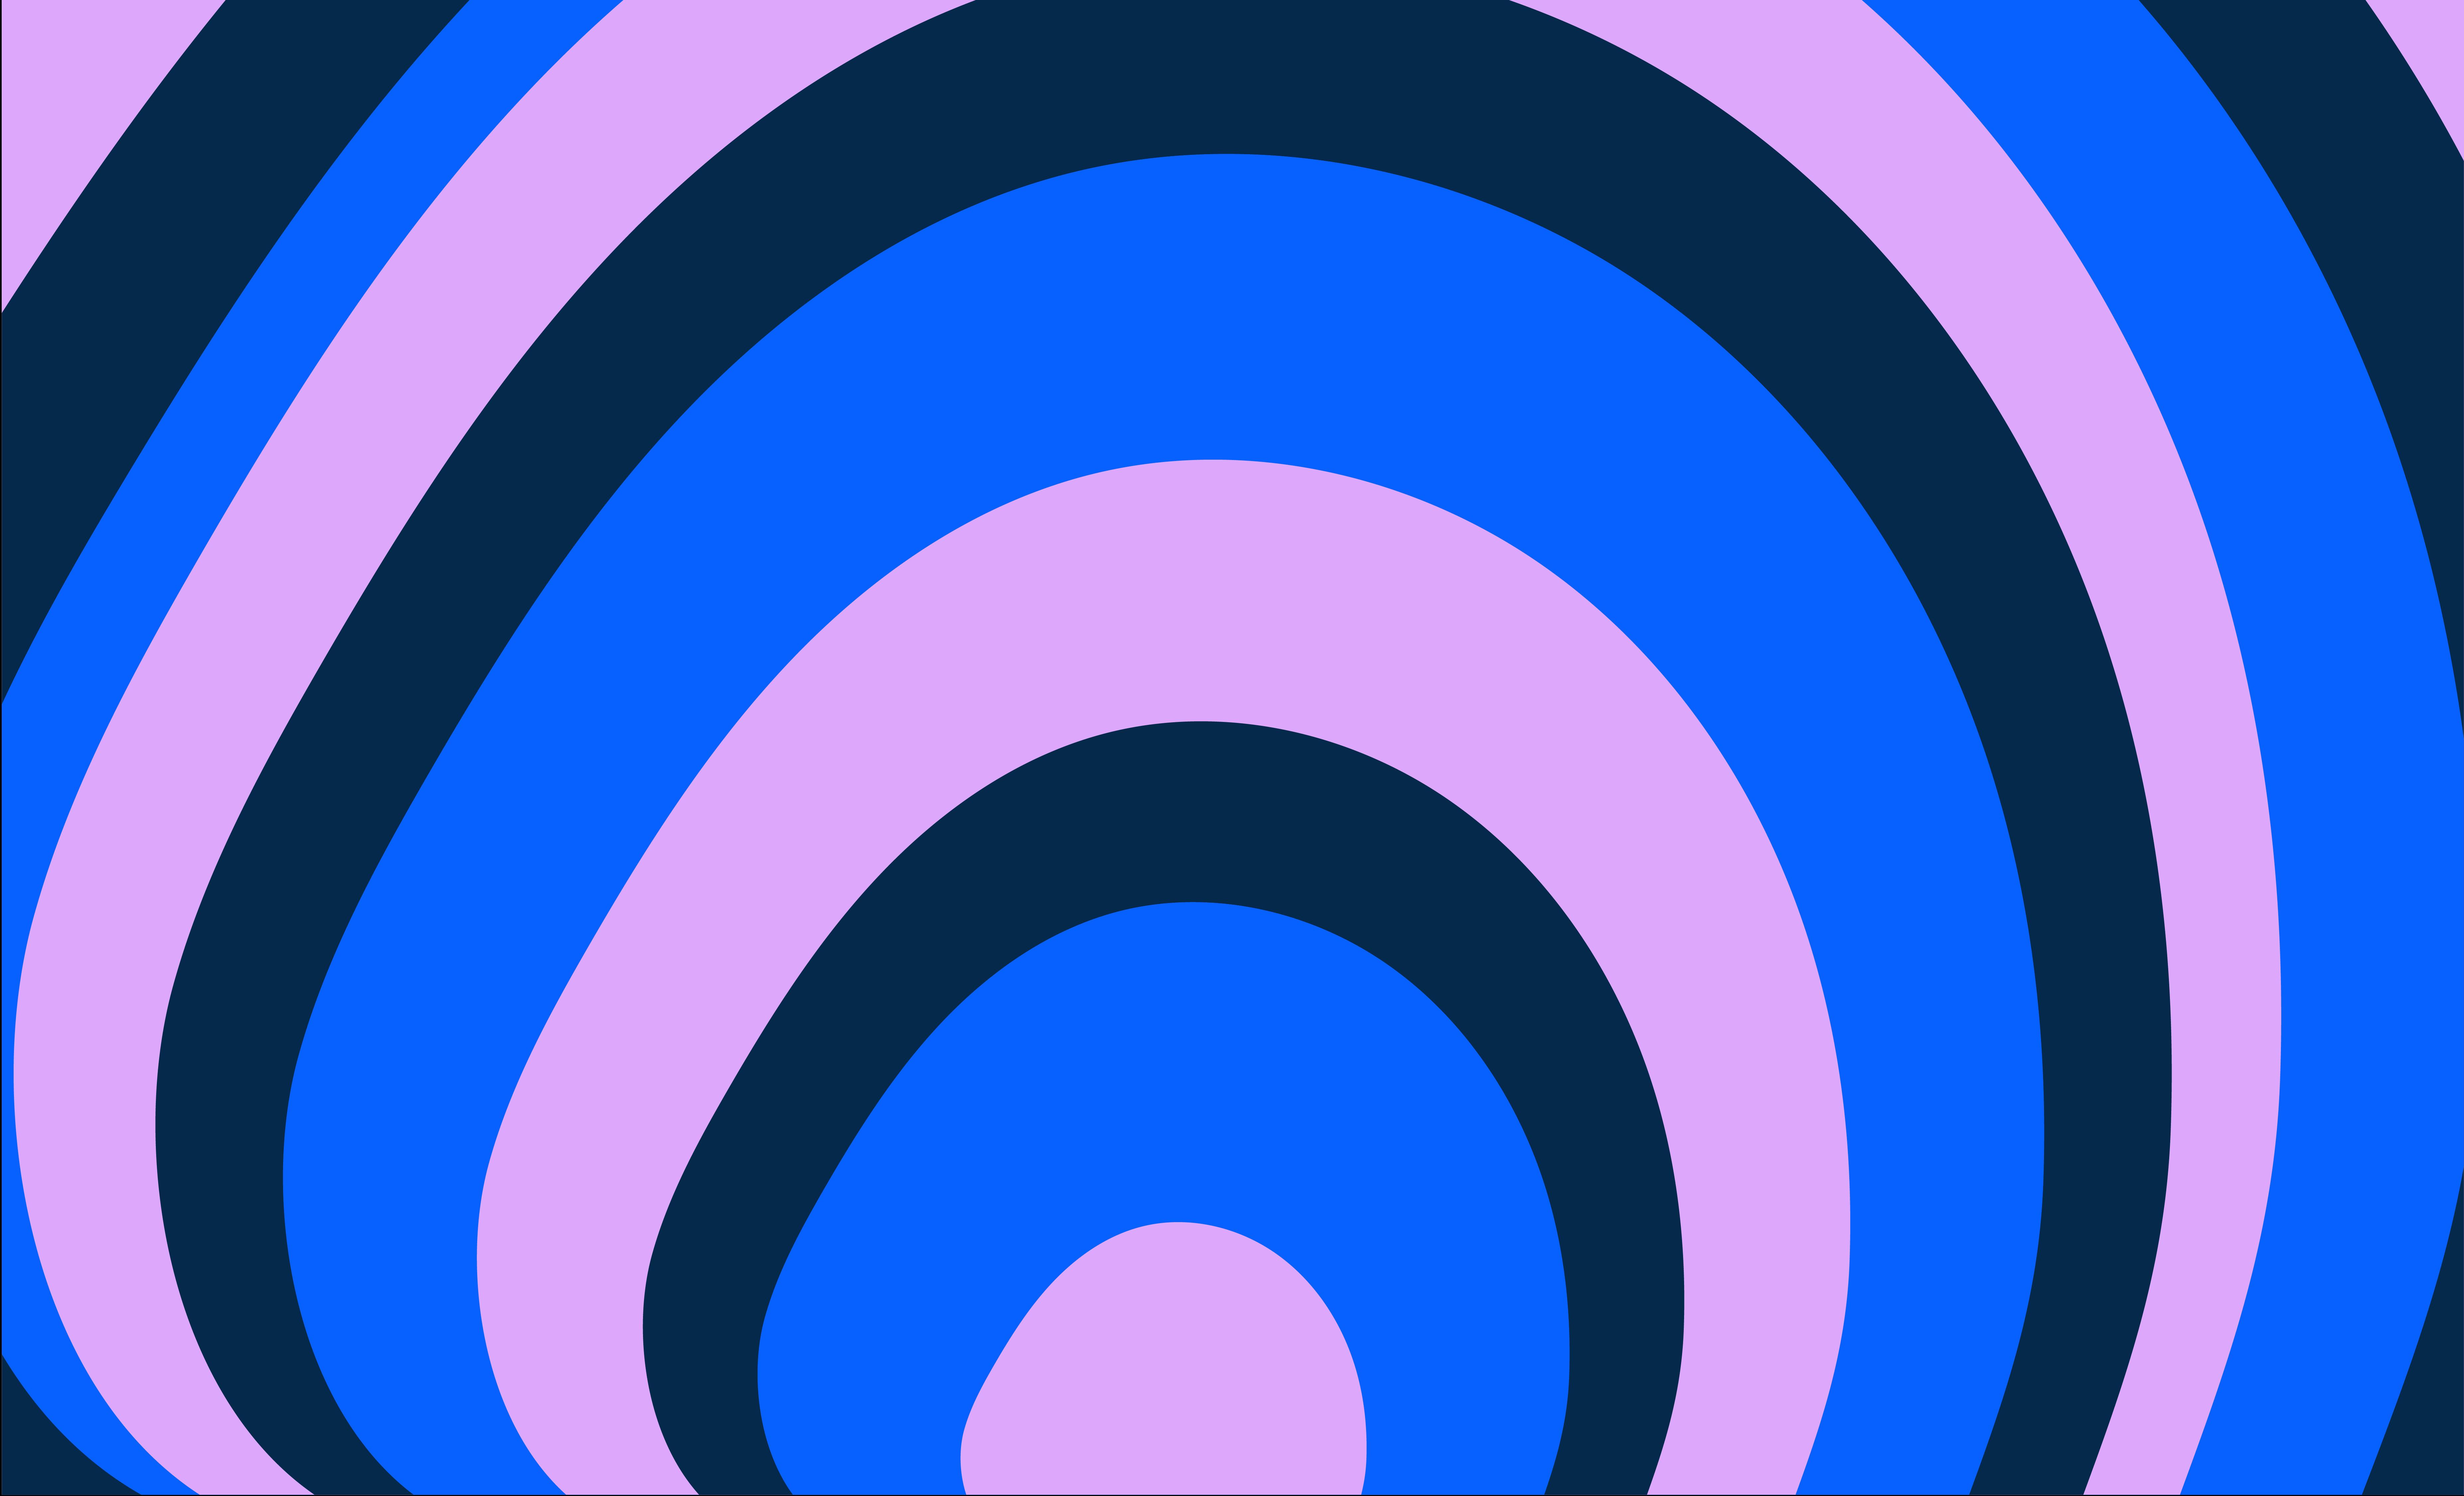 KindofCool_elements-46